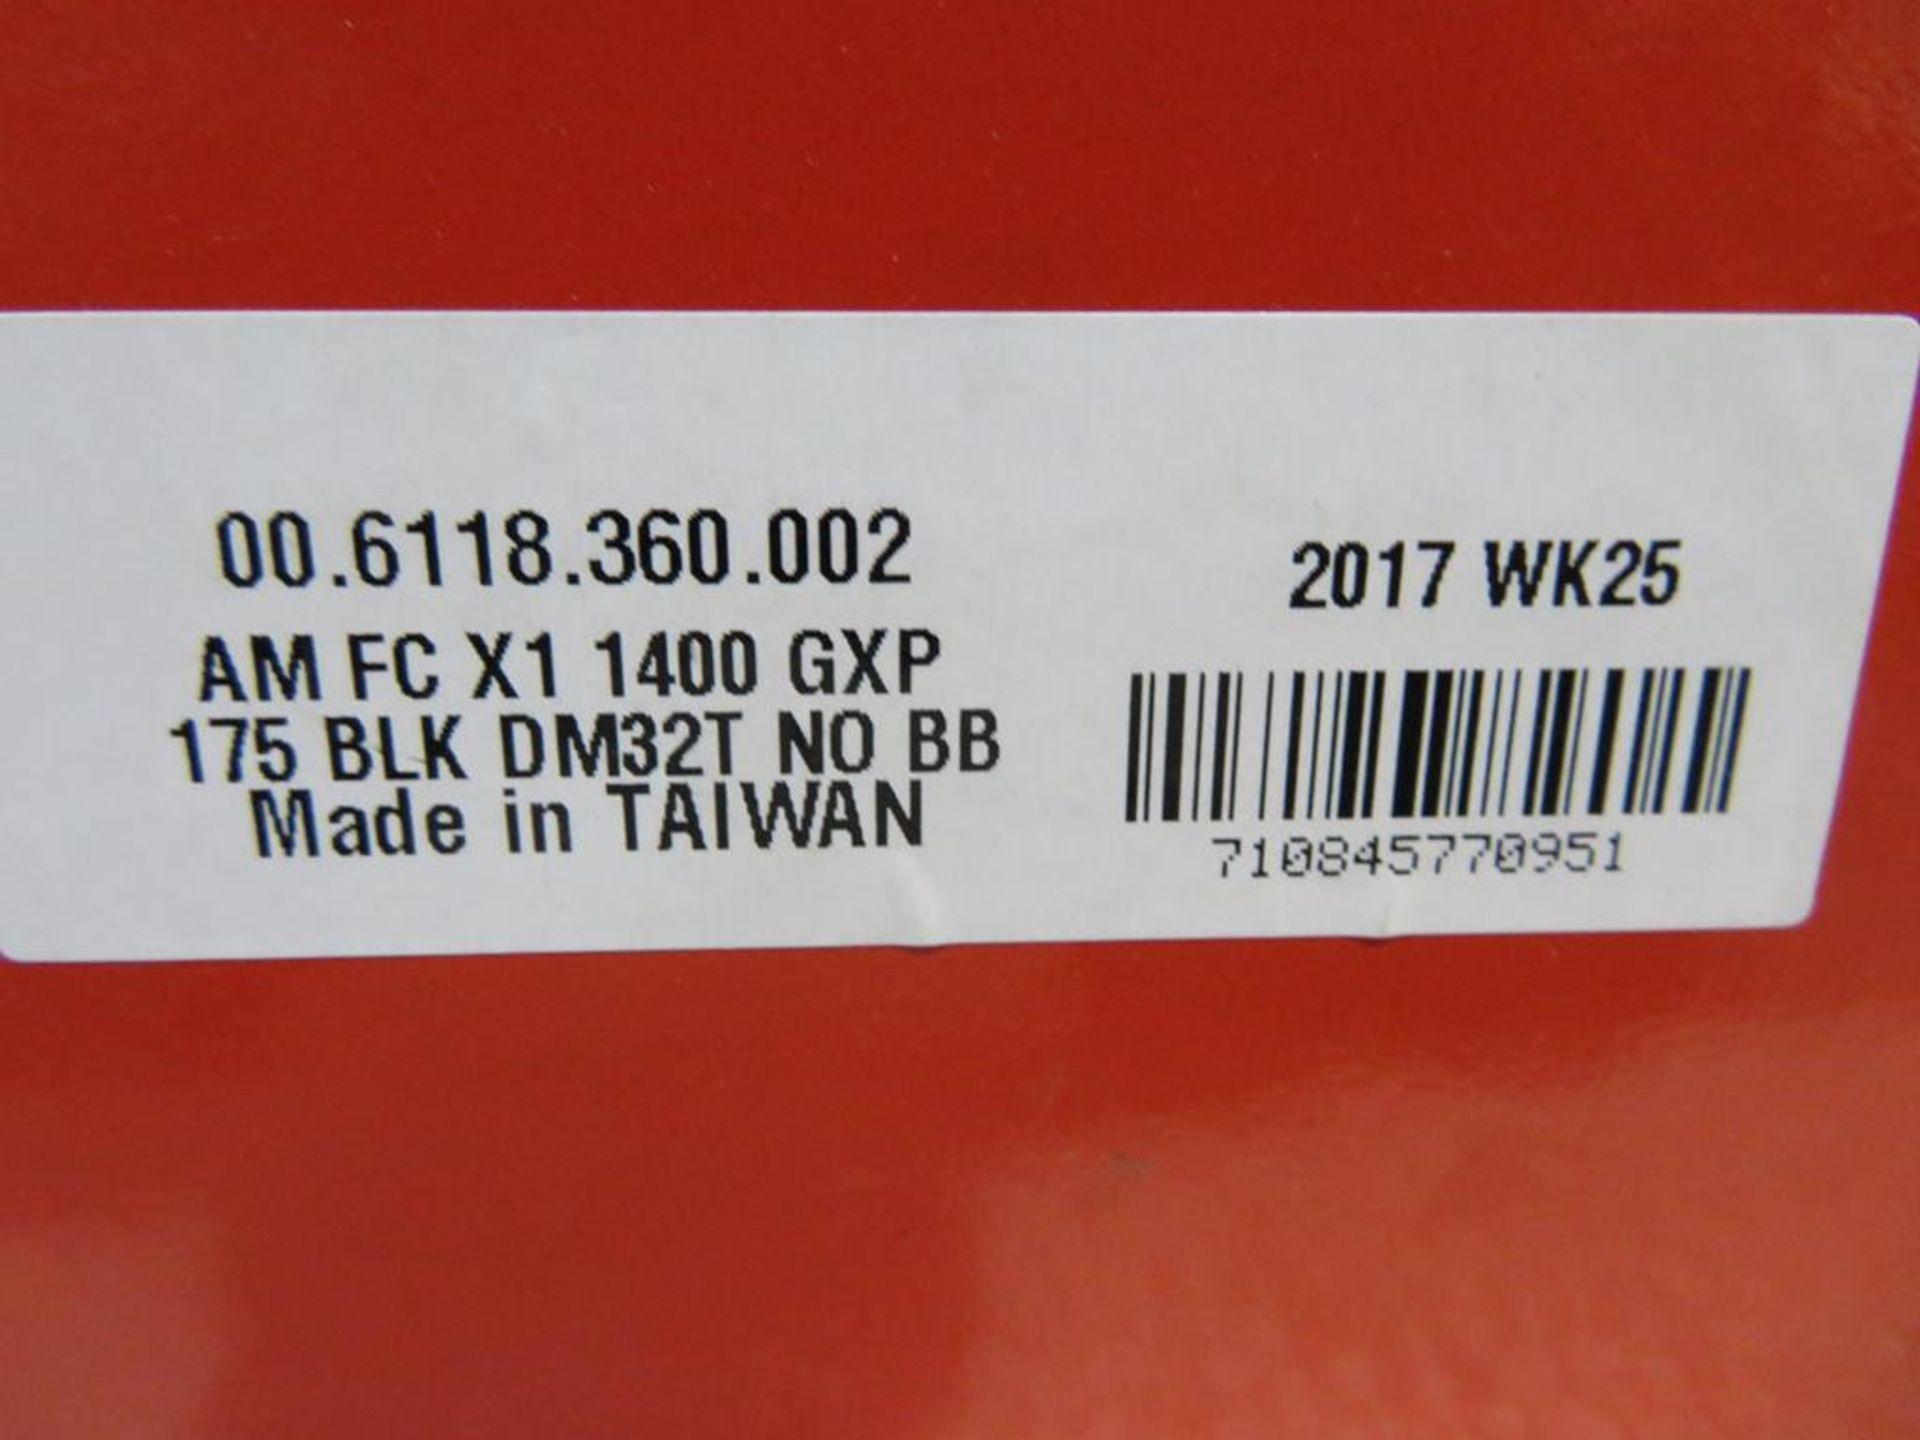 Lot 35 - Sram X1 1400 GXP Crankset